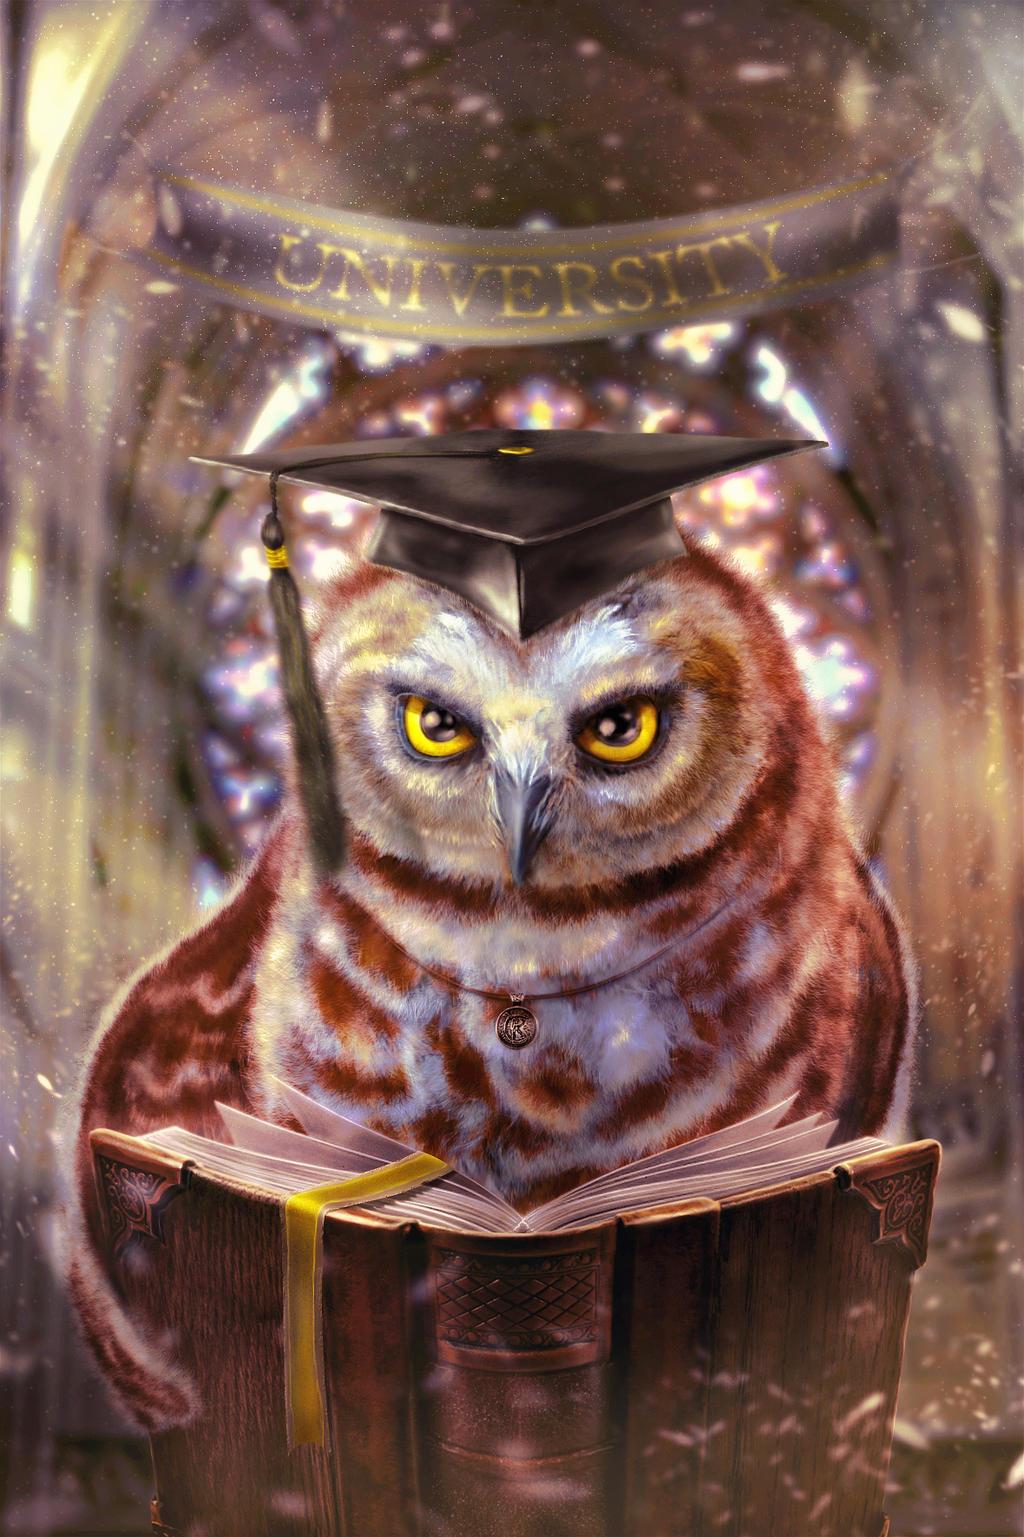 http://img15.deviantart.net/ba34/i/2015/163/a/6/owl_by_craght-d8x2c7h.jpg